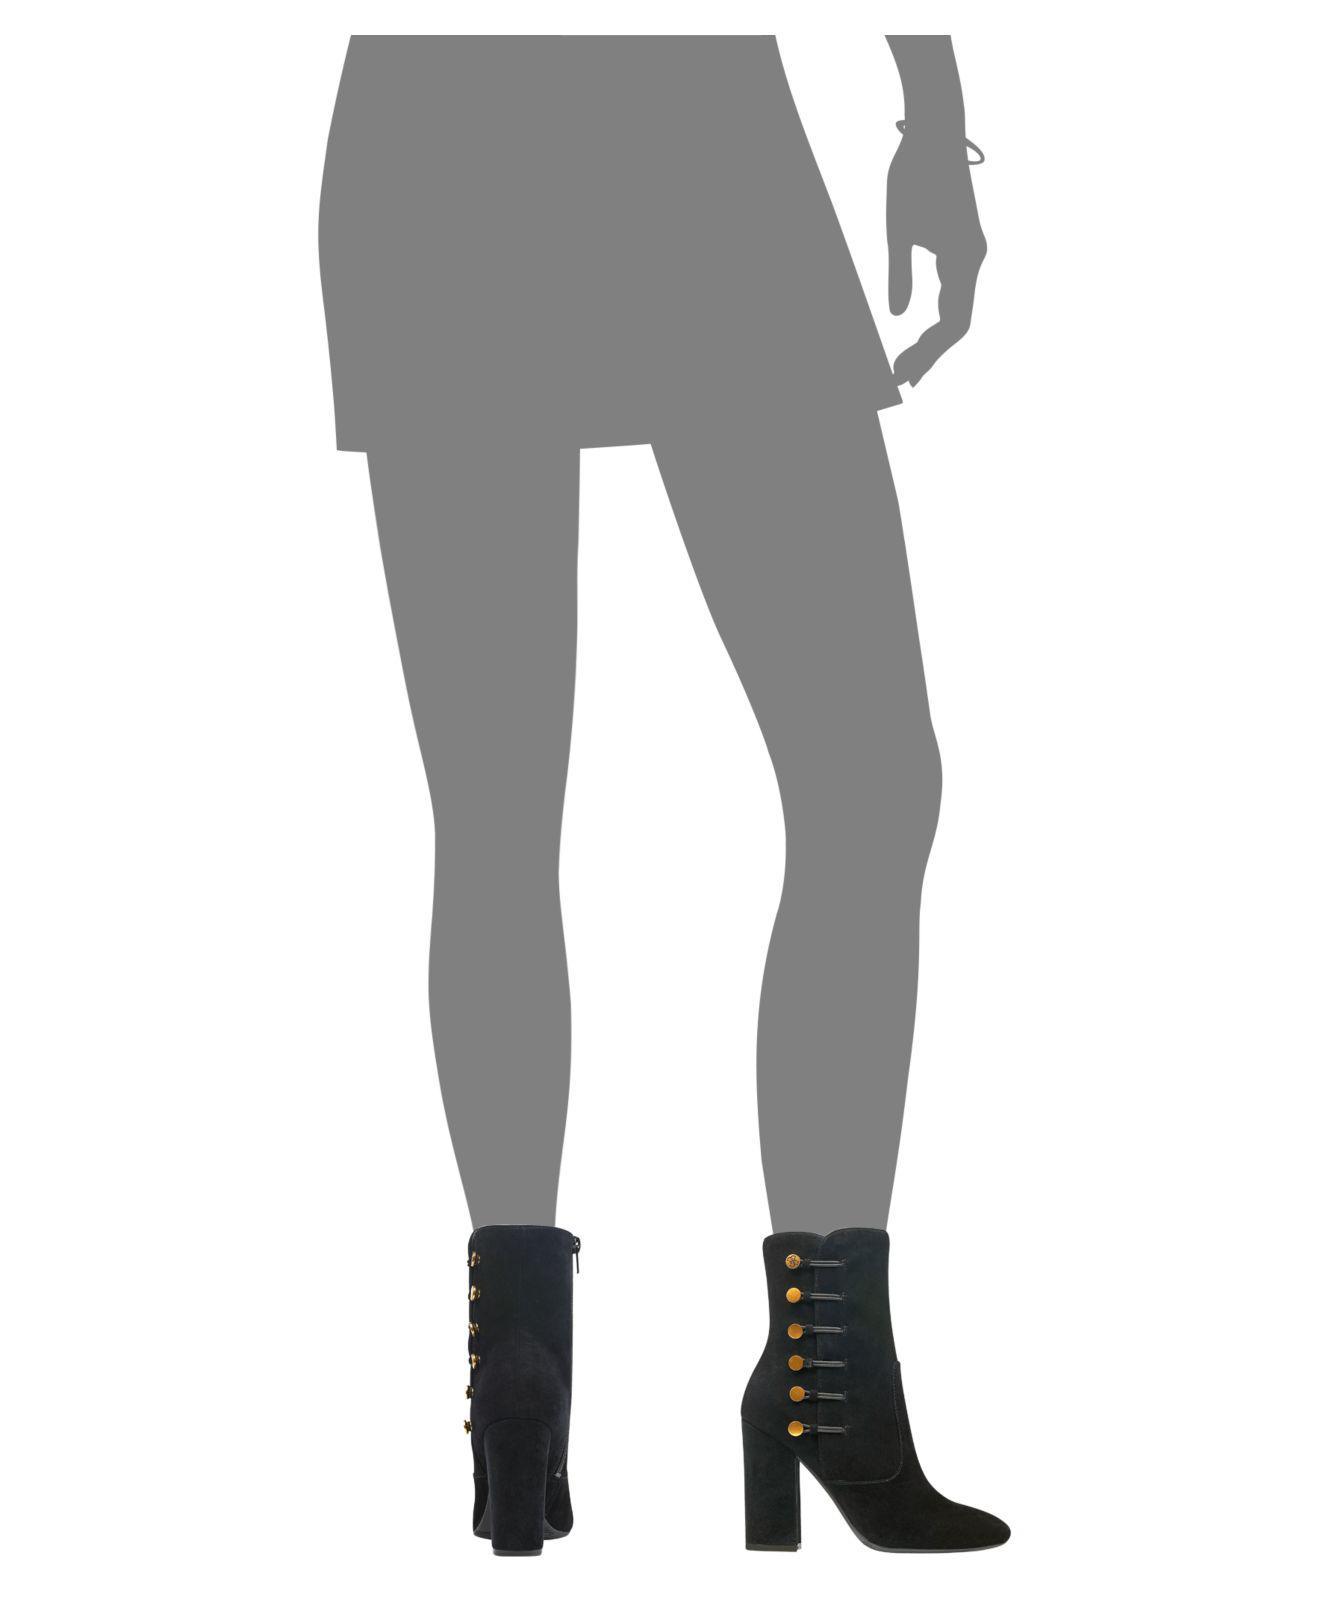 Lyst Guess Damens's Lucena Block heel Button Booties in schwarz schwarz in 02d012